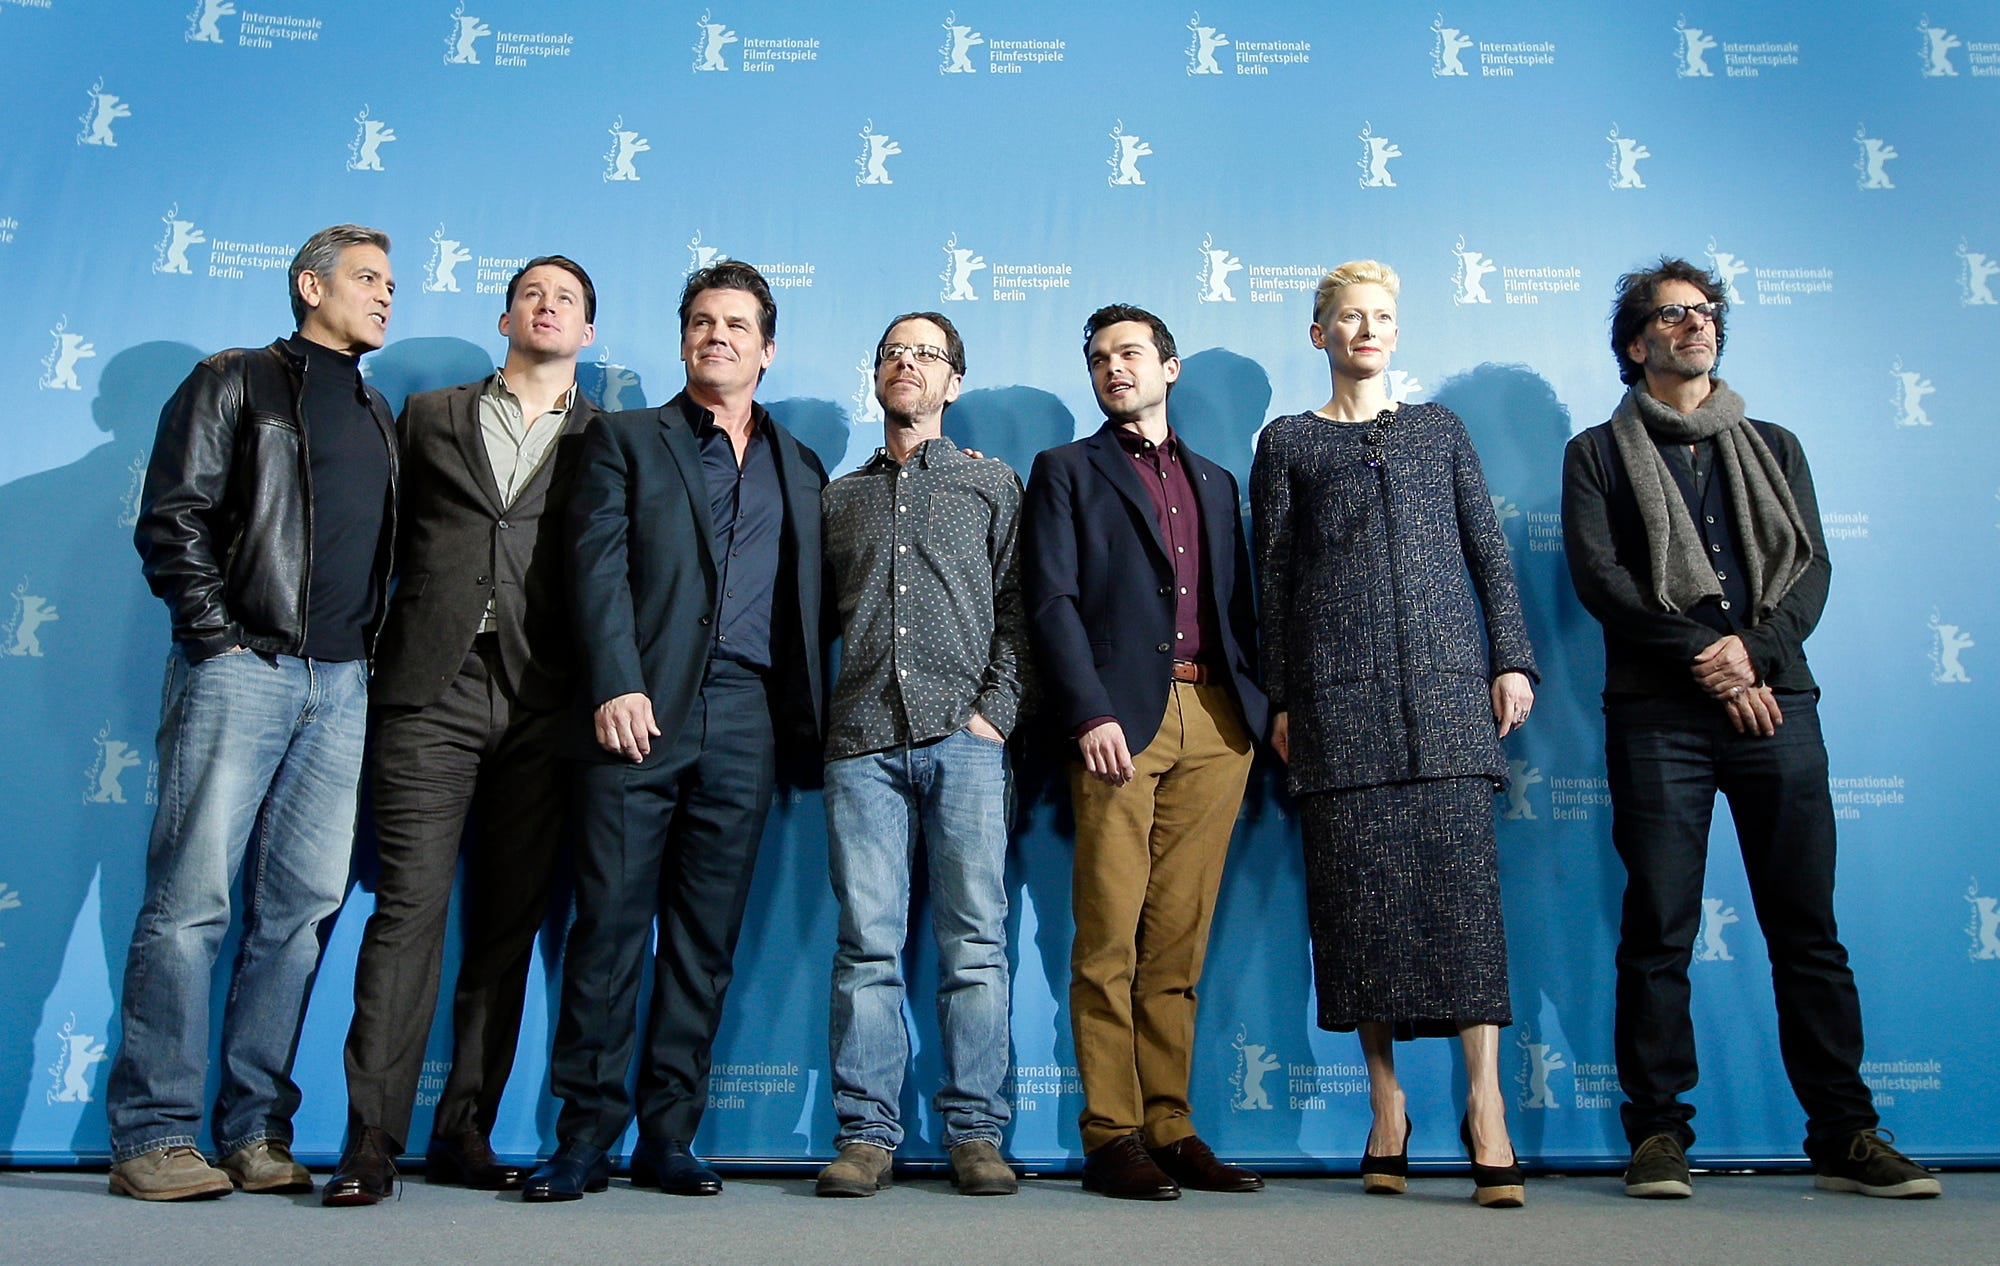 http://www.gannett-cdn.com/media/2016/02/11/INGroup/LafayetteIN/635908083112405956-Germany-Berlin-Film-Festival-2016-jterhune-gannett.com-29.jpg